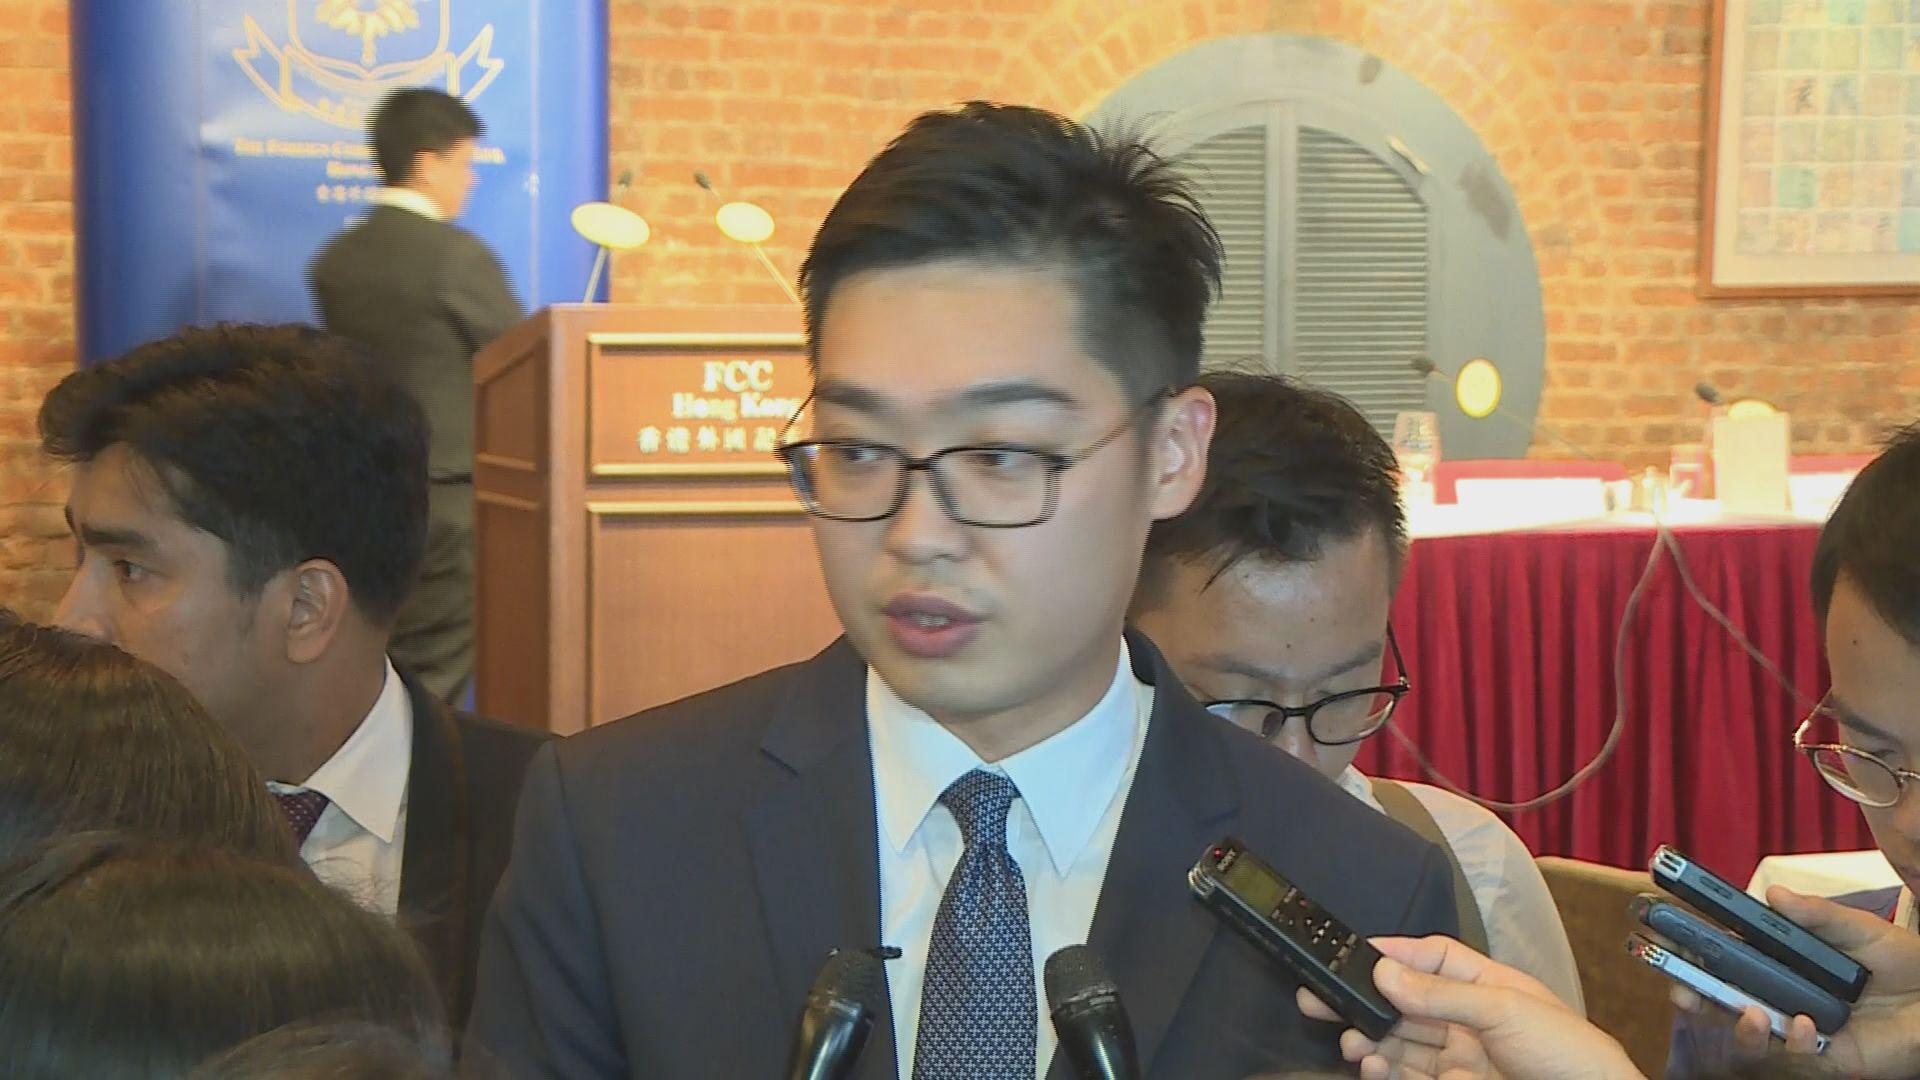 陳浩天:未決定會否在限期前回覆政府